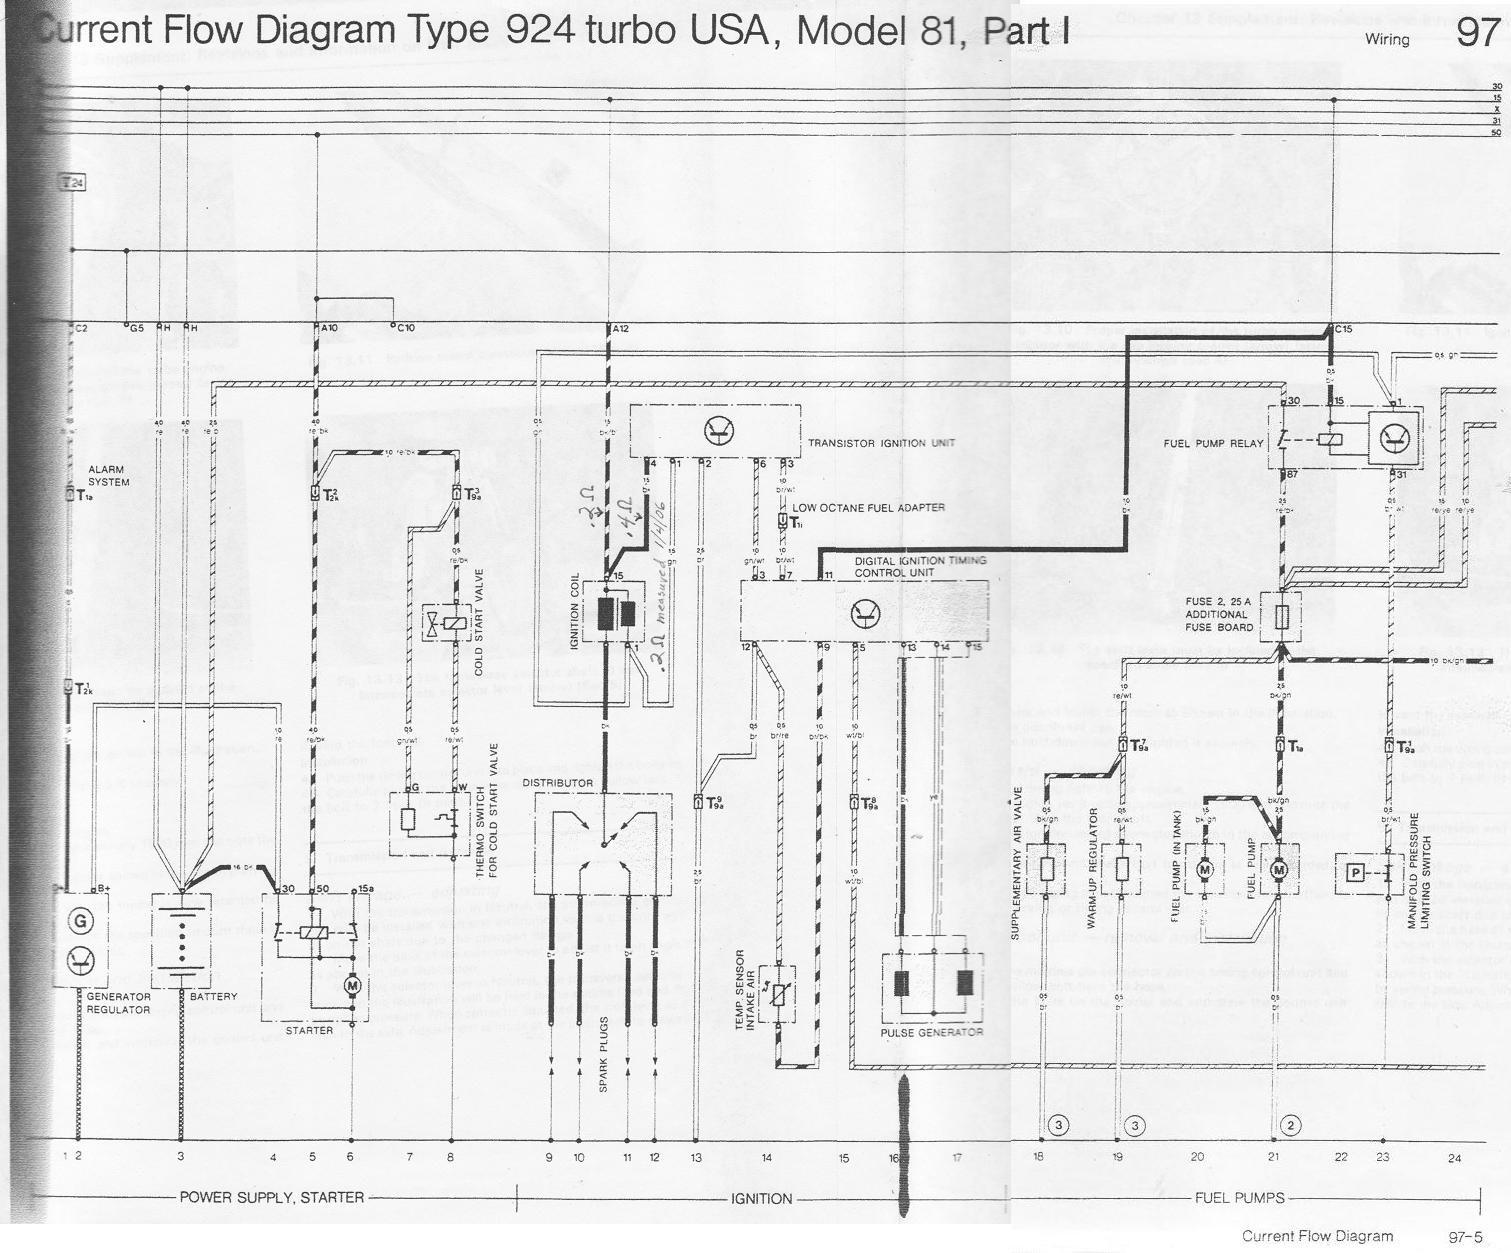 hight resolution of porsche 924 turbo wiring diagram detailed schematics diagram rh jppastryarts com porsche 944 turbo diagram porsche